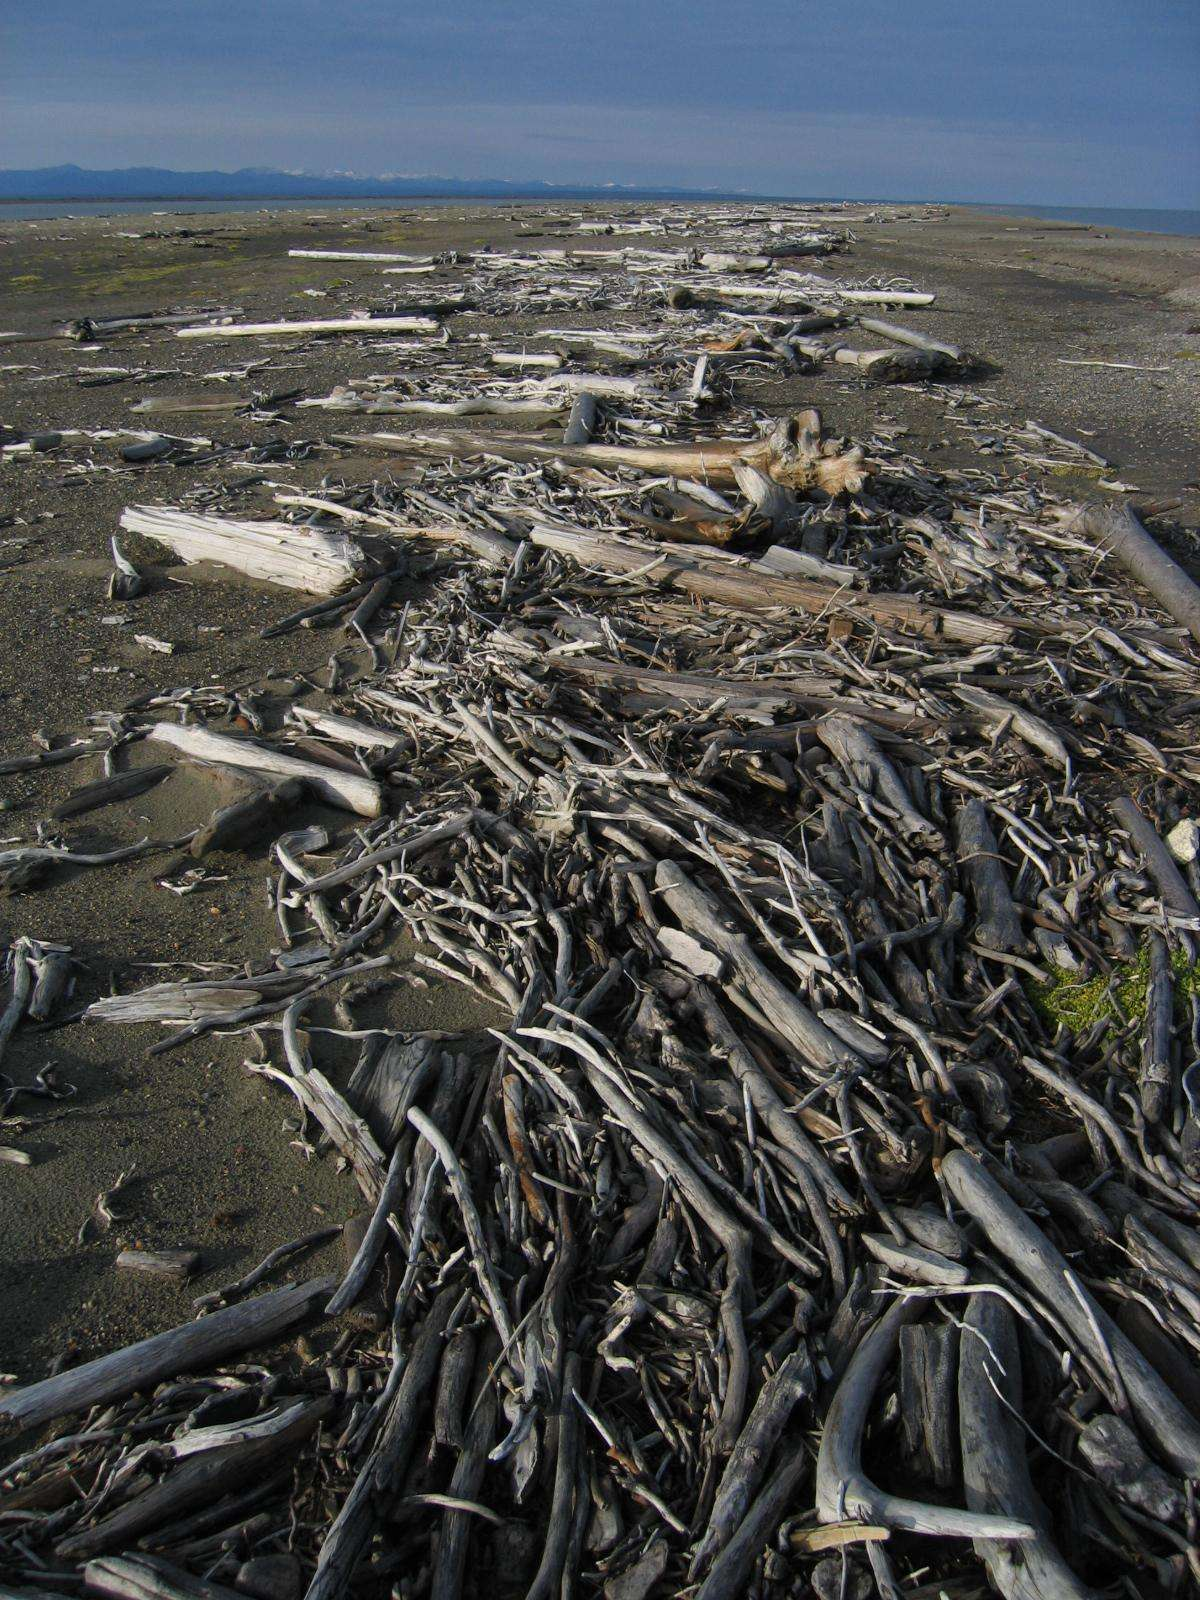 Des laisses de mer constituées de bois flottés. © Erin McKittrick, Wikimédia CC by-sa 3.0